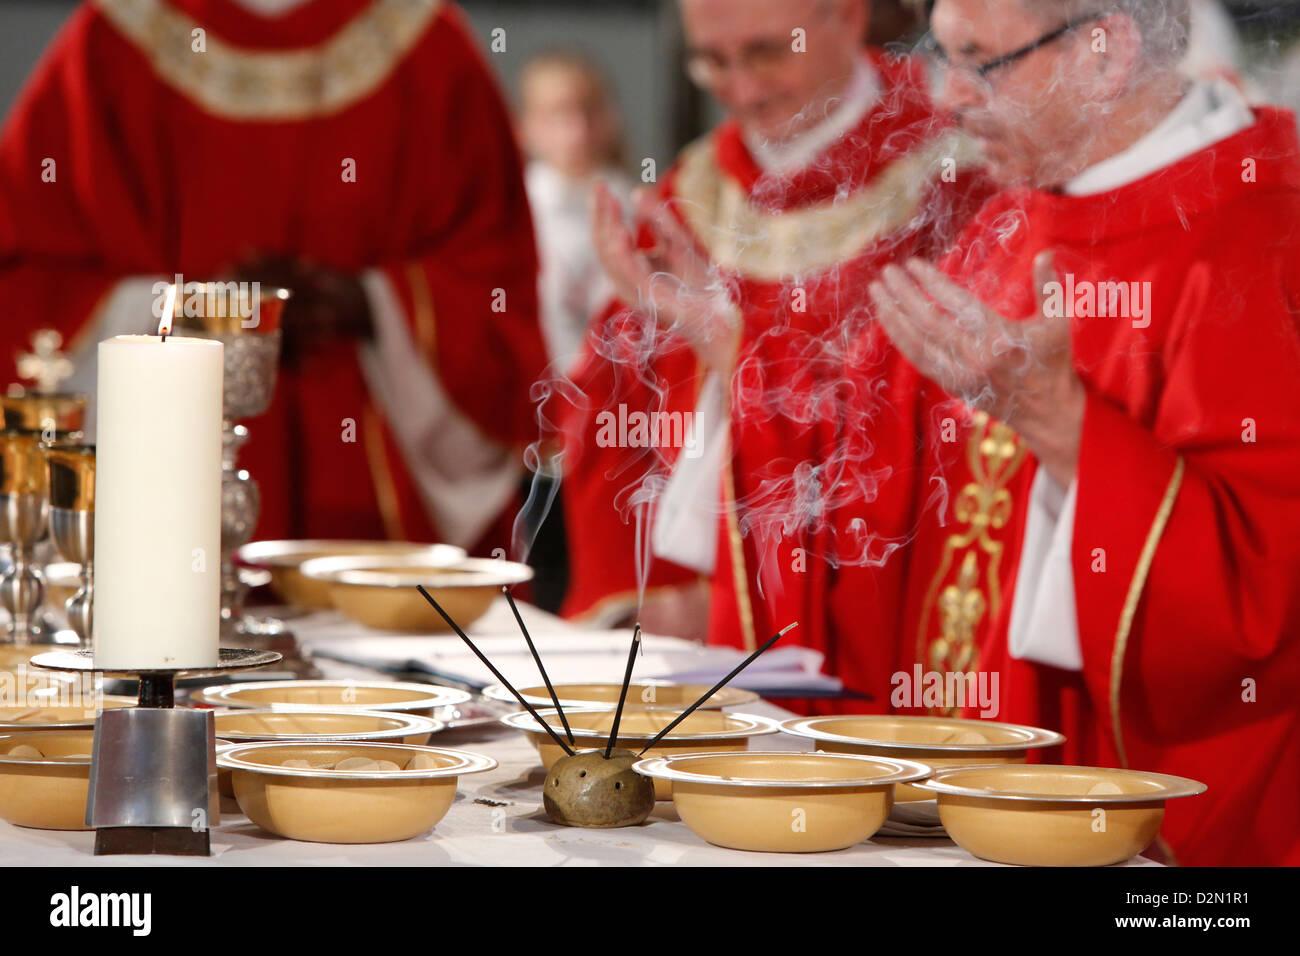 Eucharist celebration, Catholic Mass, L'Ile St. Denis, France, Europe - Stock Image